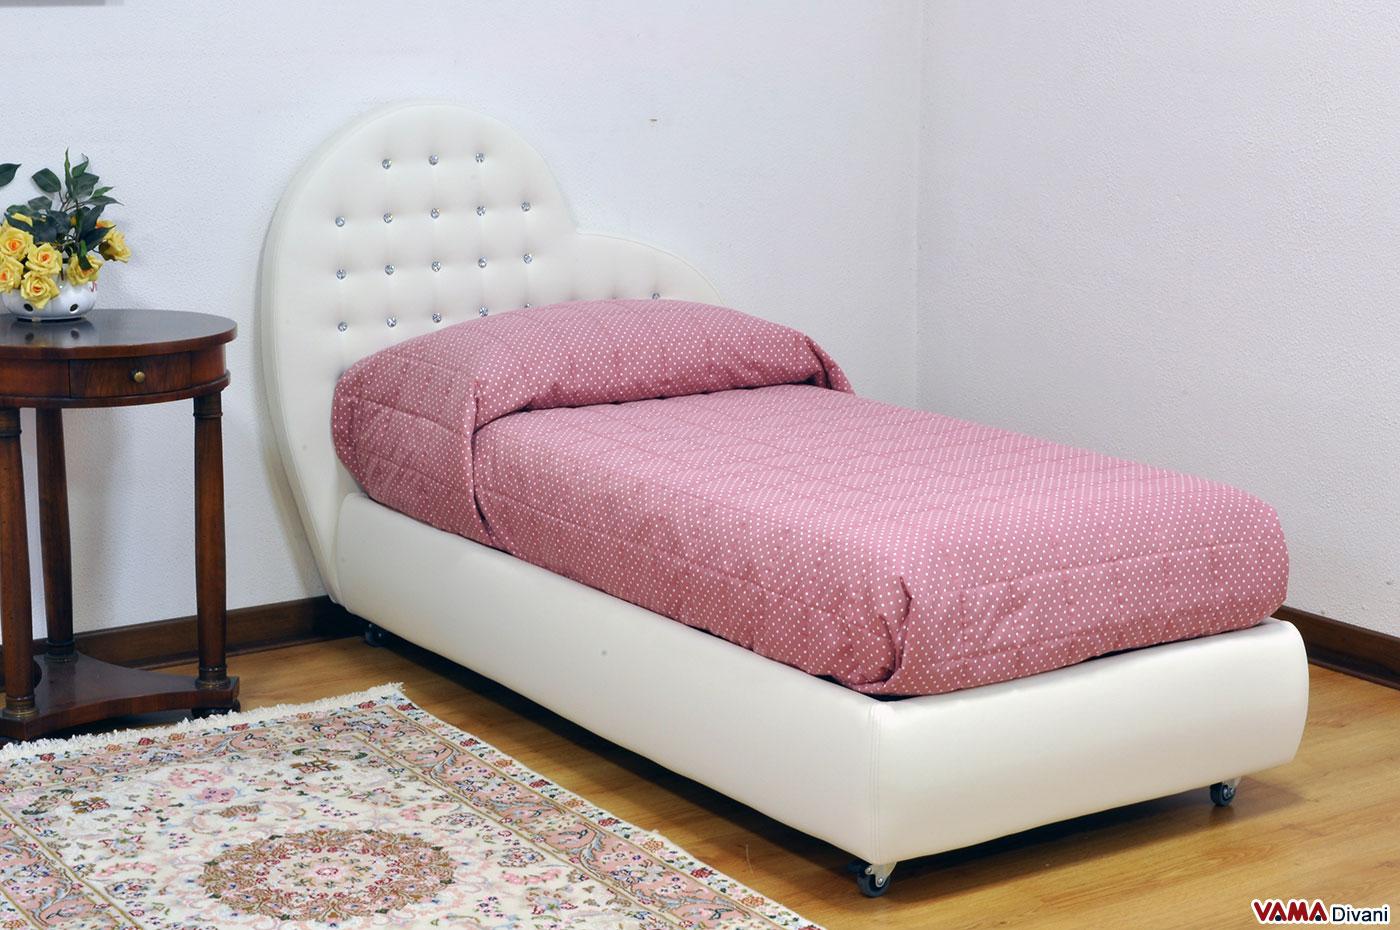 Vama divani blog letto su misura con testata a cuore for Divano letto dimensioni ridotte